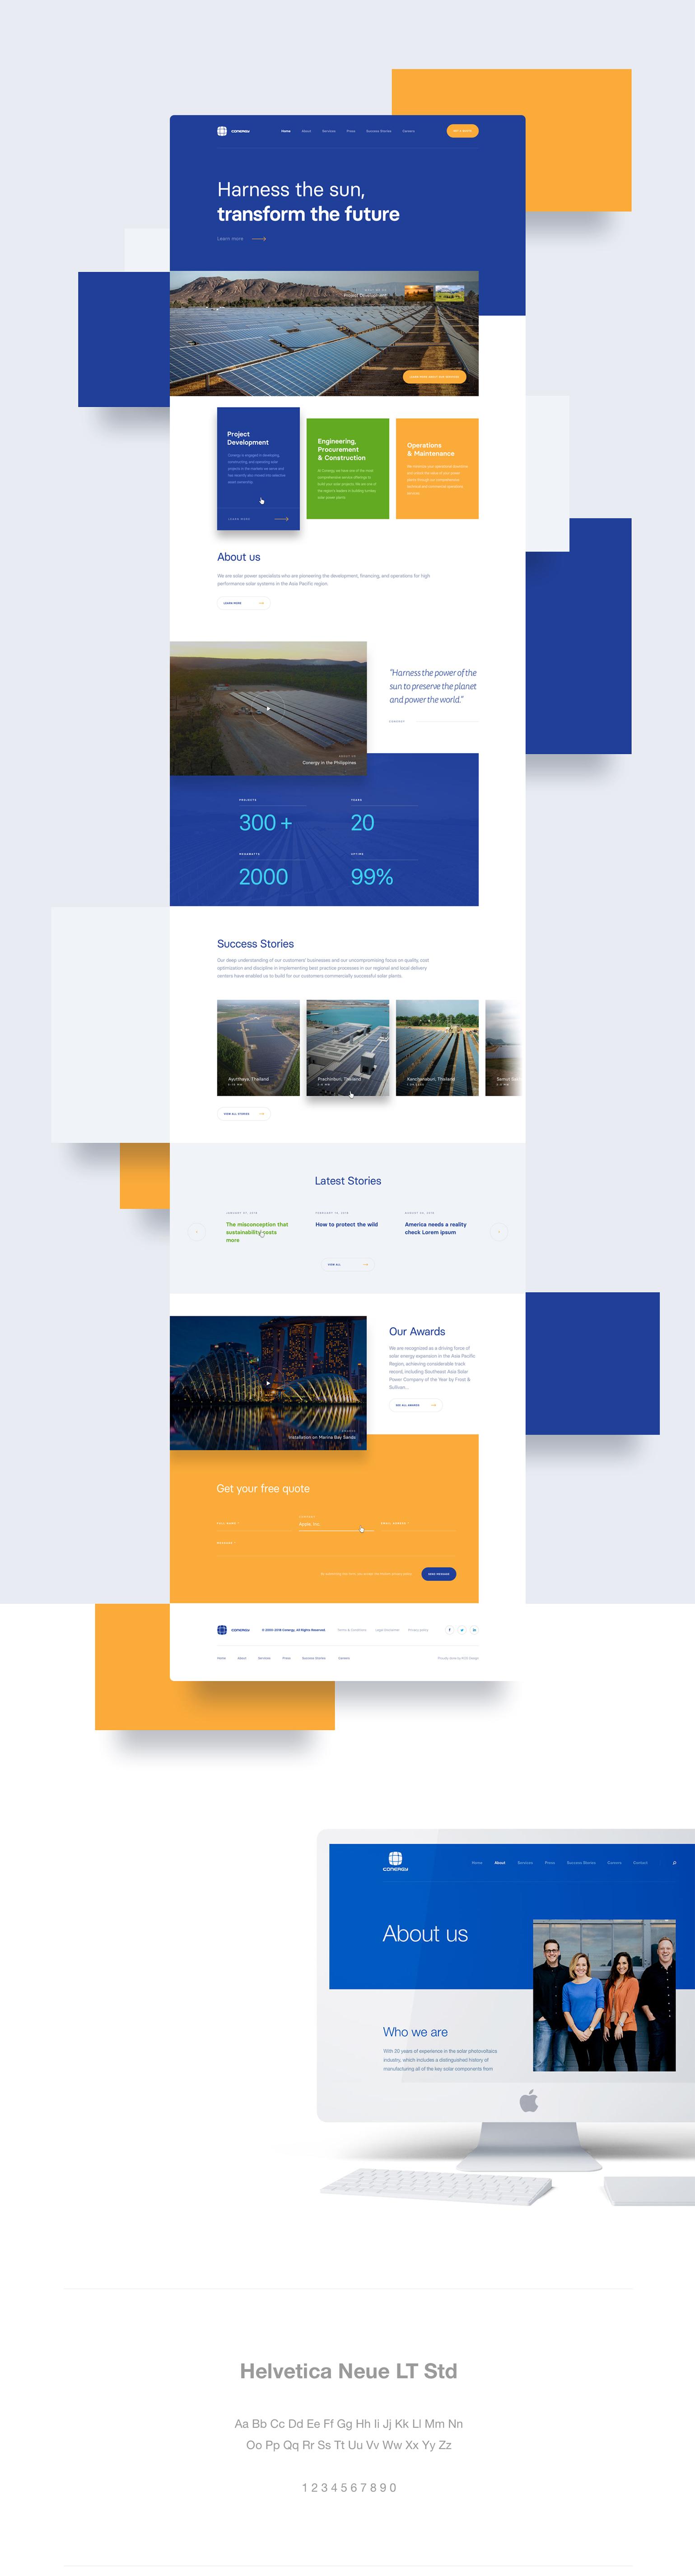 KOS Design - Conergy